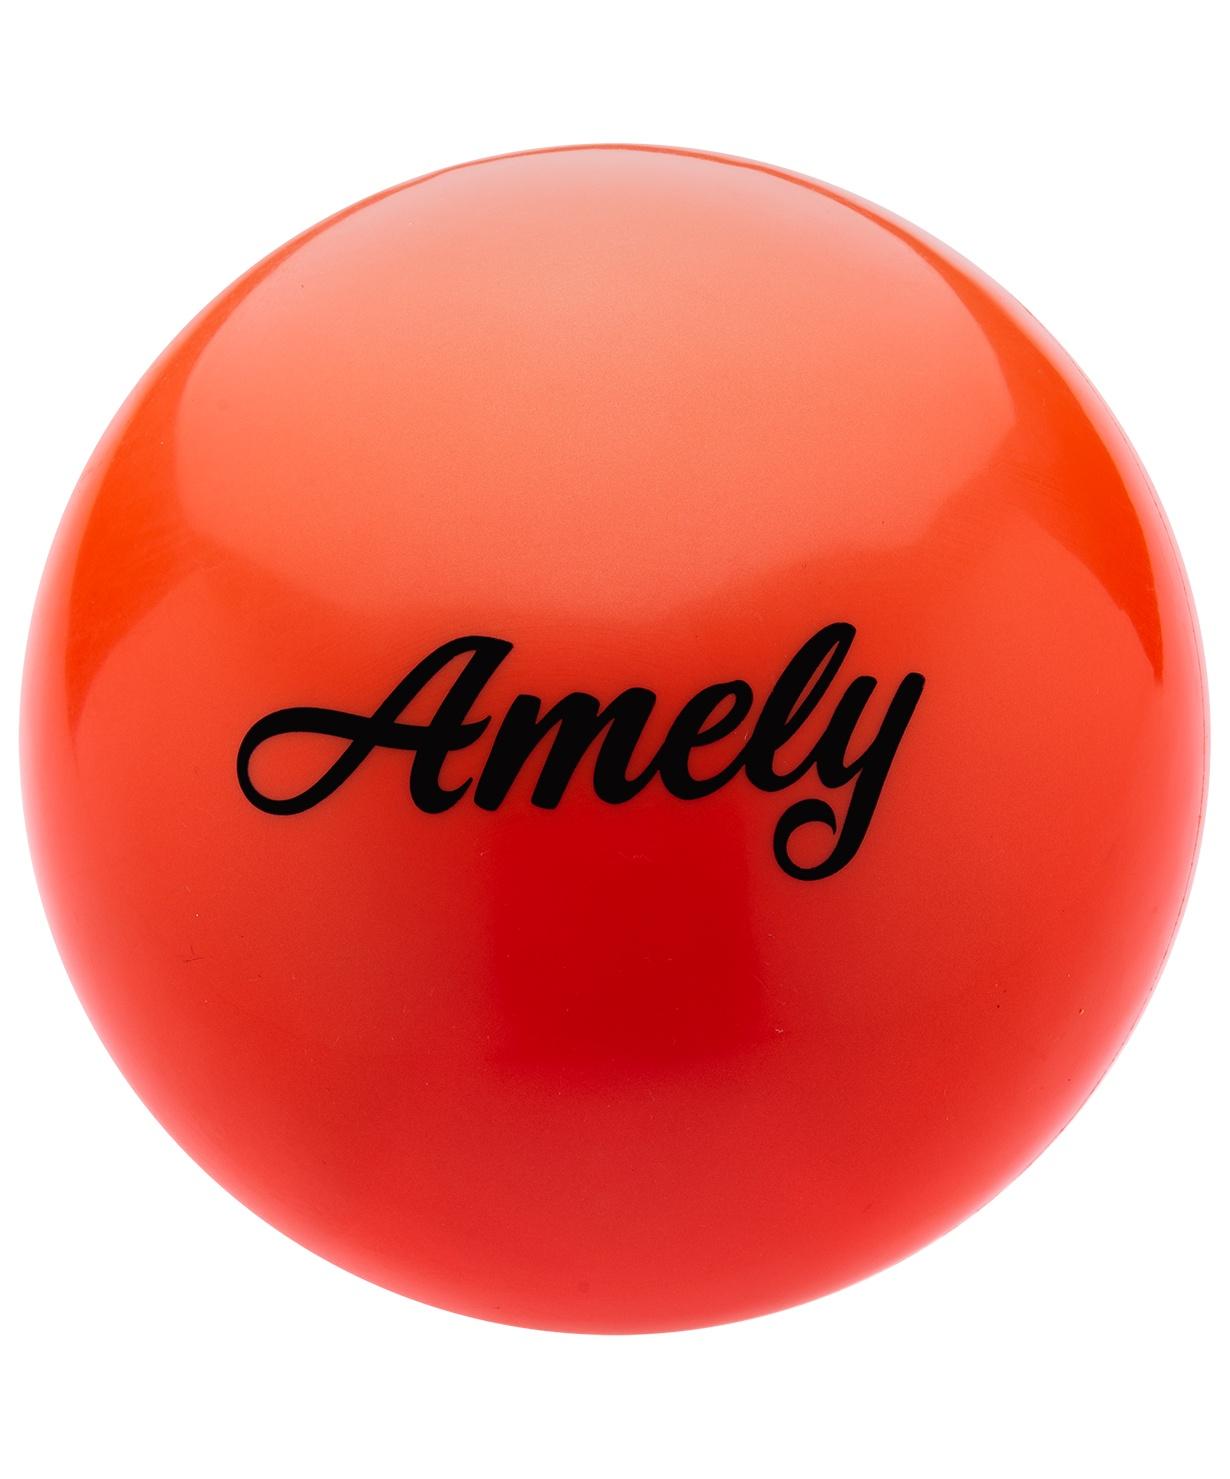 Мяч для художественной гимнастики Amely Agb-101, 15 см, оранжевый мяч для художественной гимнастики indigo силиконовый цвет фуксия диаметр 15 см